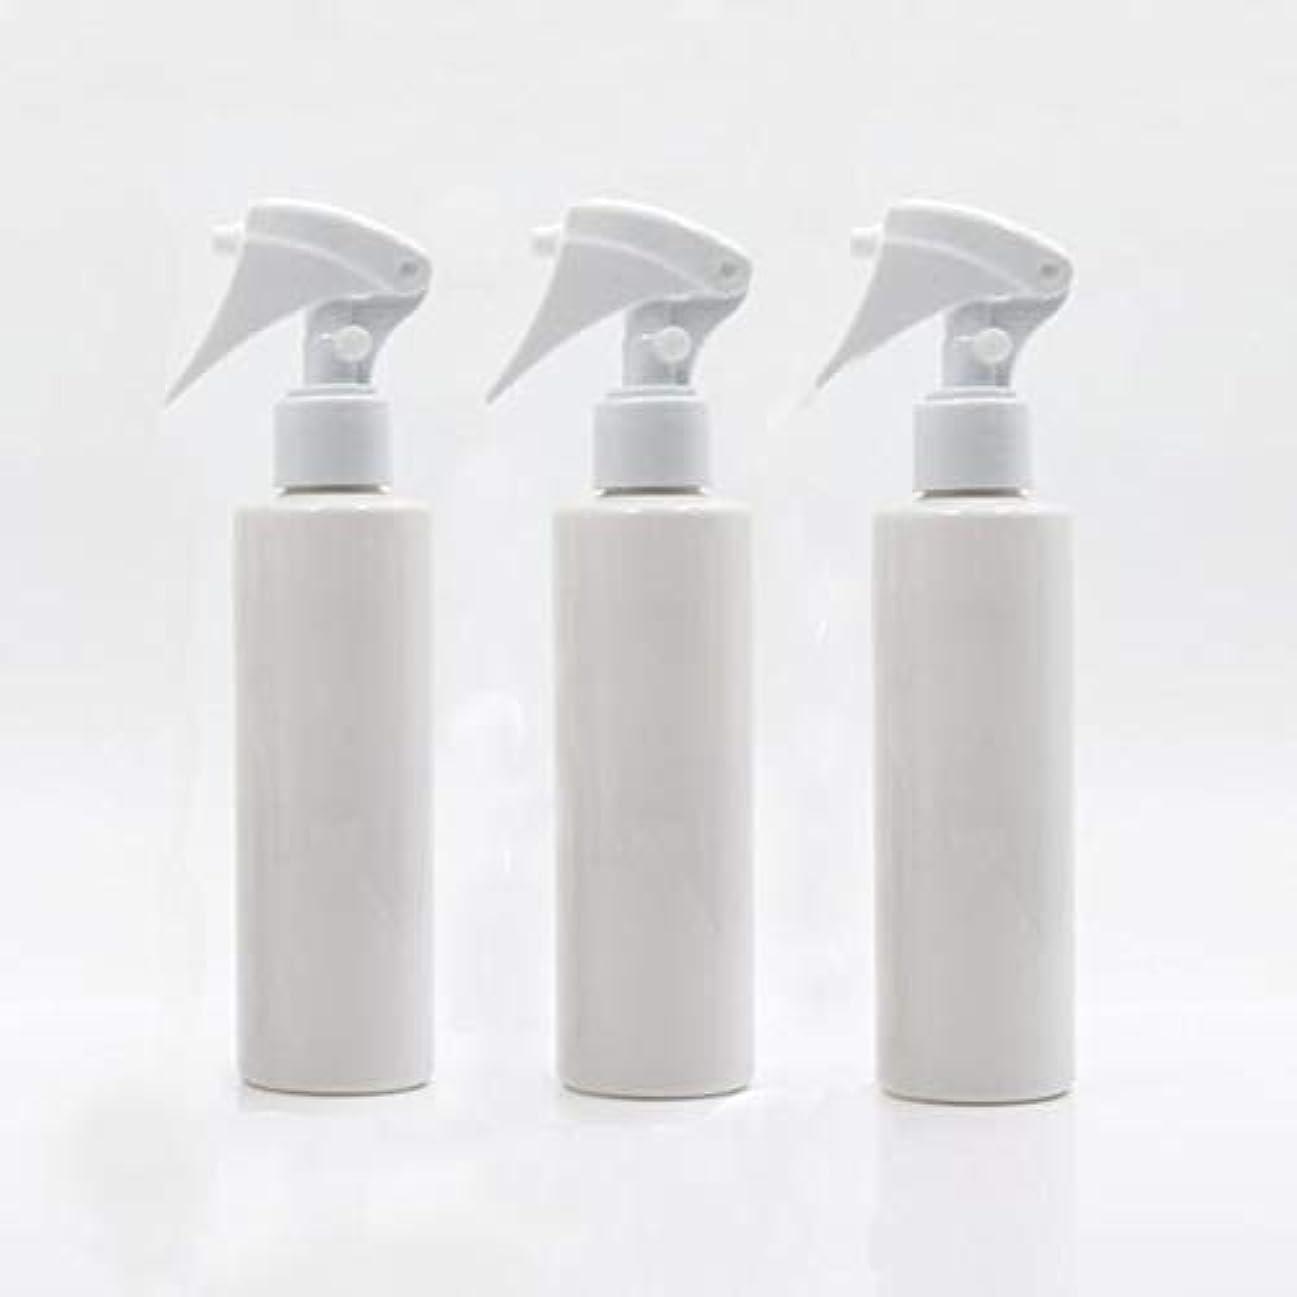 場所スキニー放出Homewineasy 極細のミストを噴霧する スプレーボトル 詰め替え容器 200ml 3本セット (ホワイト)